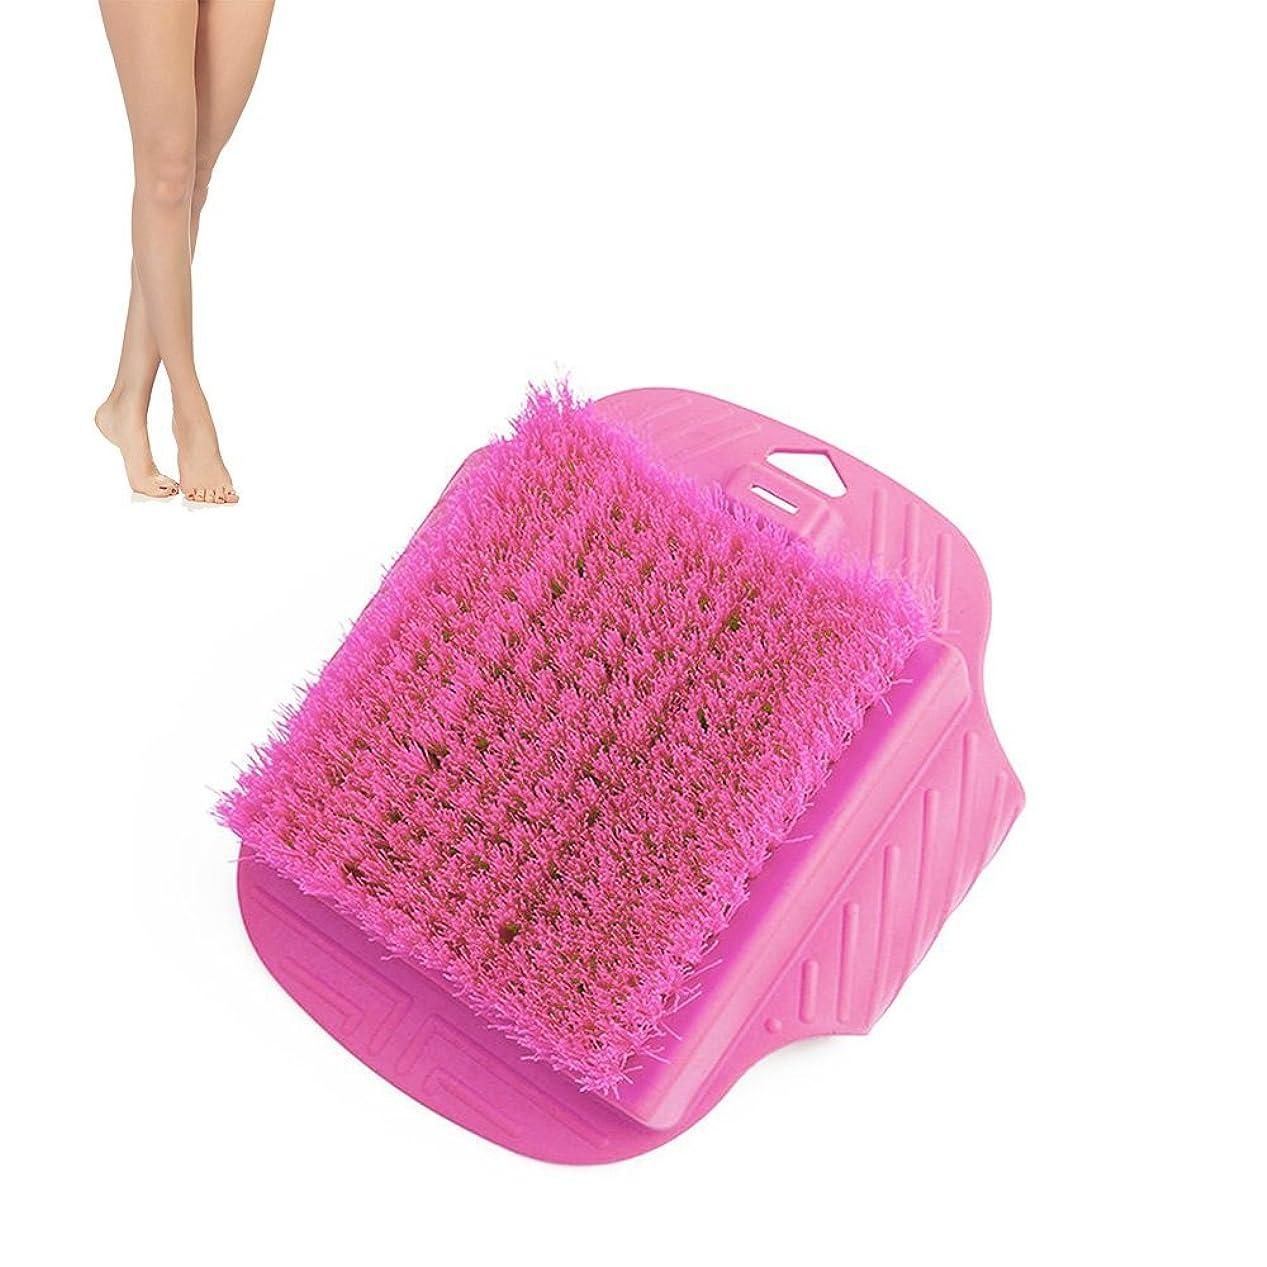 お赤外線言うまでもなく足ブラシ フットブラシ フットグルーマー スリッパ ブラシシャワースリッパ お風呂で使える角質ケアブラシ 足の匂い消し 健康グッズ (ピンク)